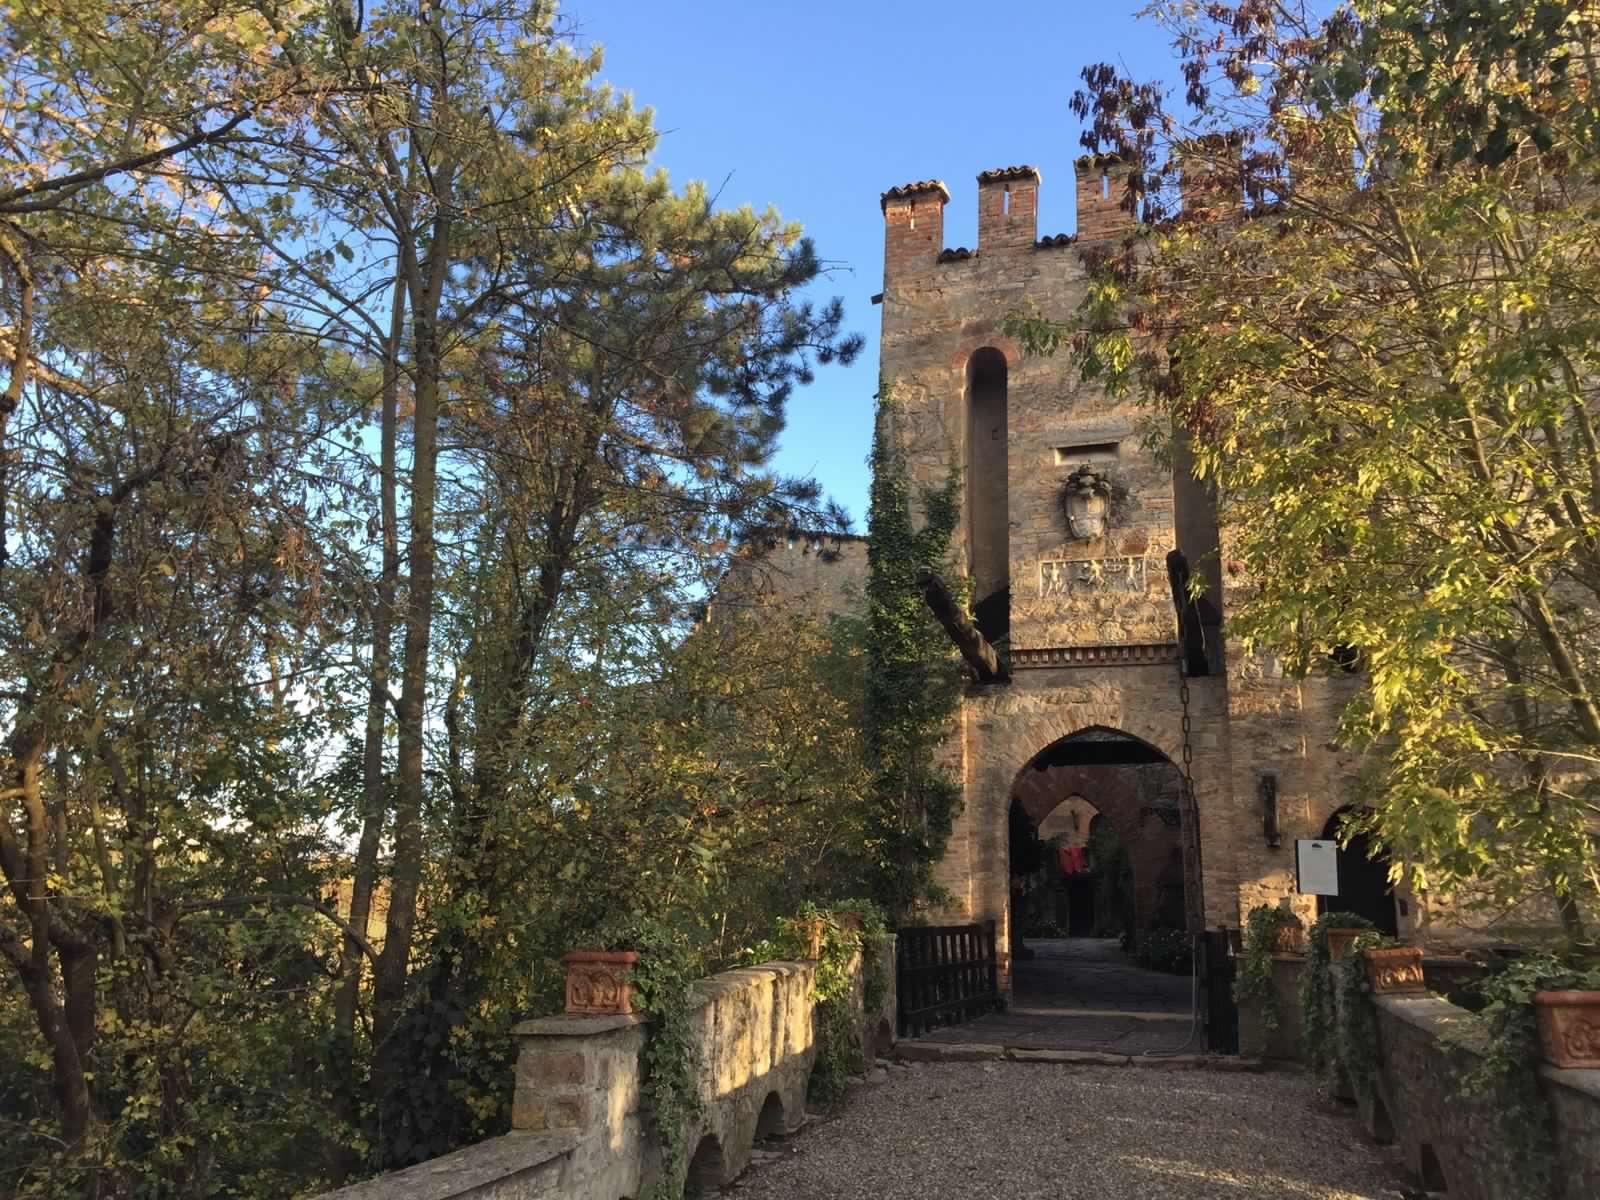 Passeggiando a Ruota Libera: visita guidata dal fondo del torrente Vezzeno alla cima della torre, fra storia, natura e passione.